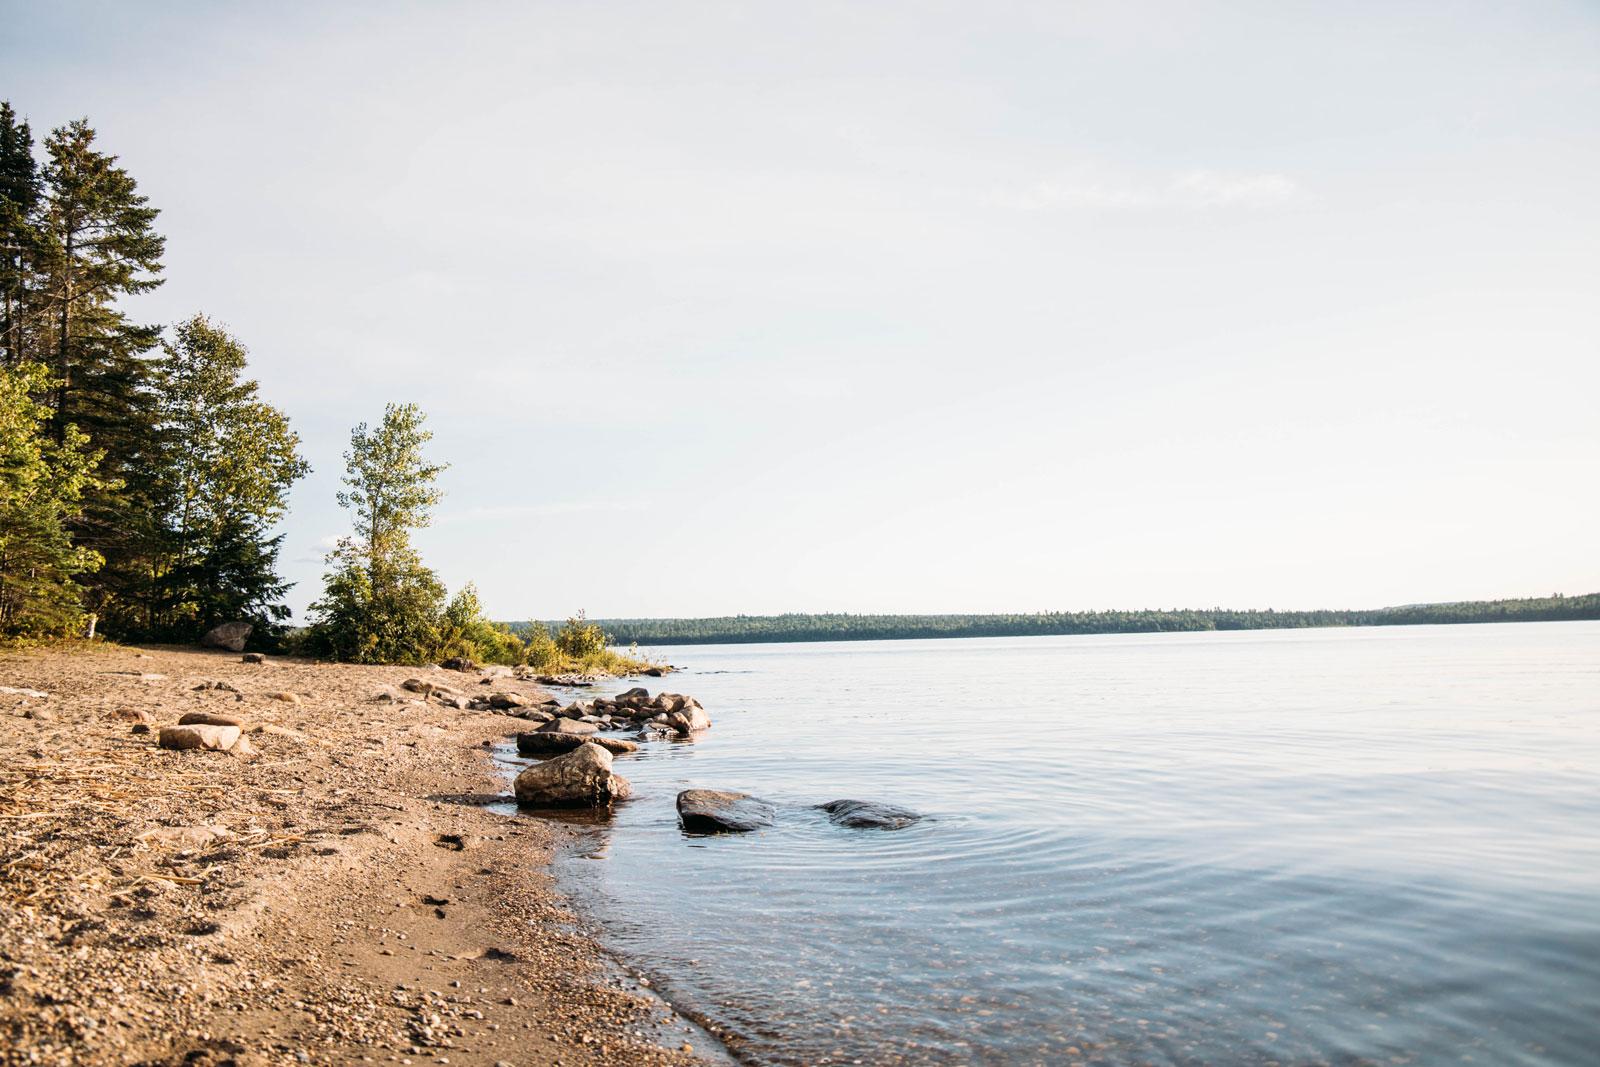 lac Saint-Francois Frontenac